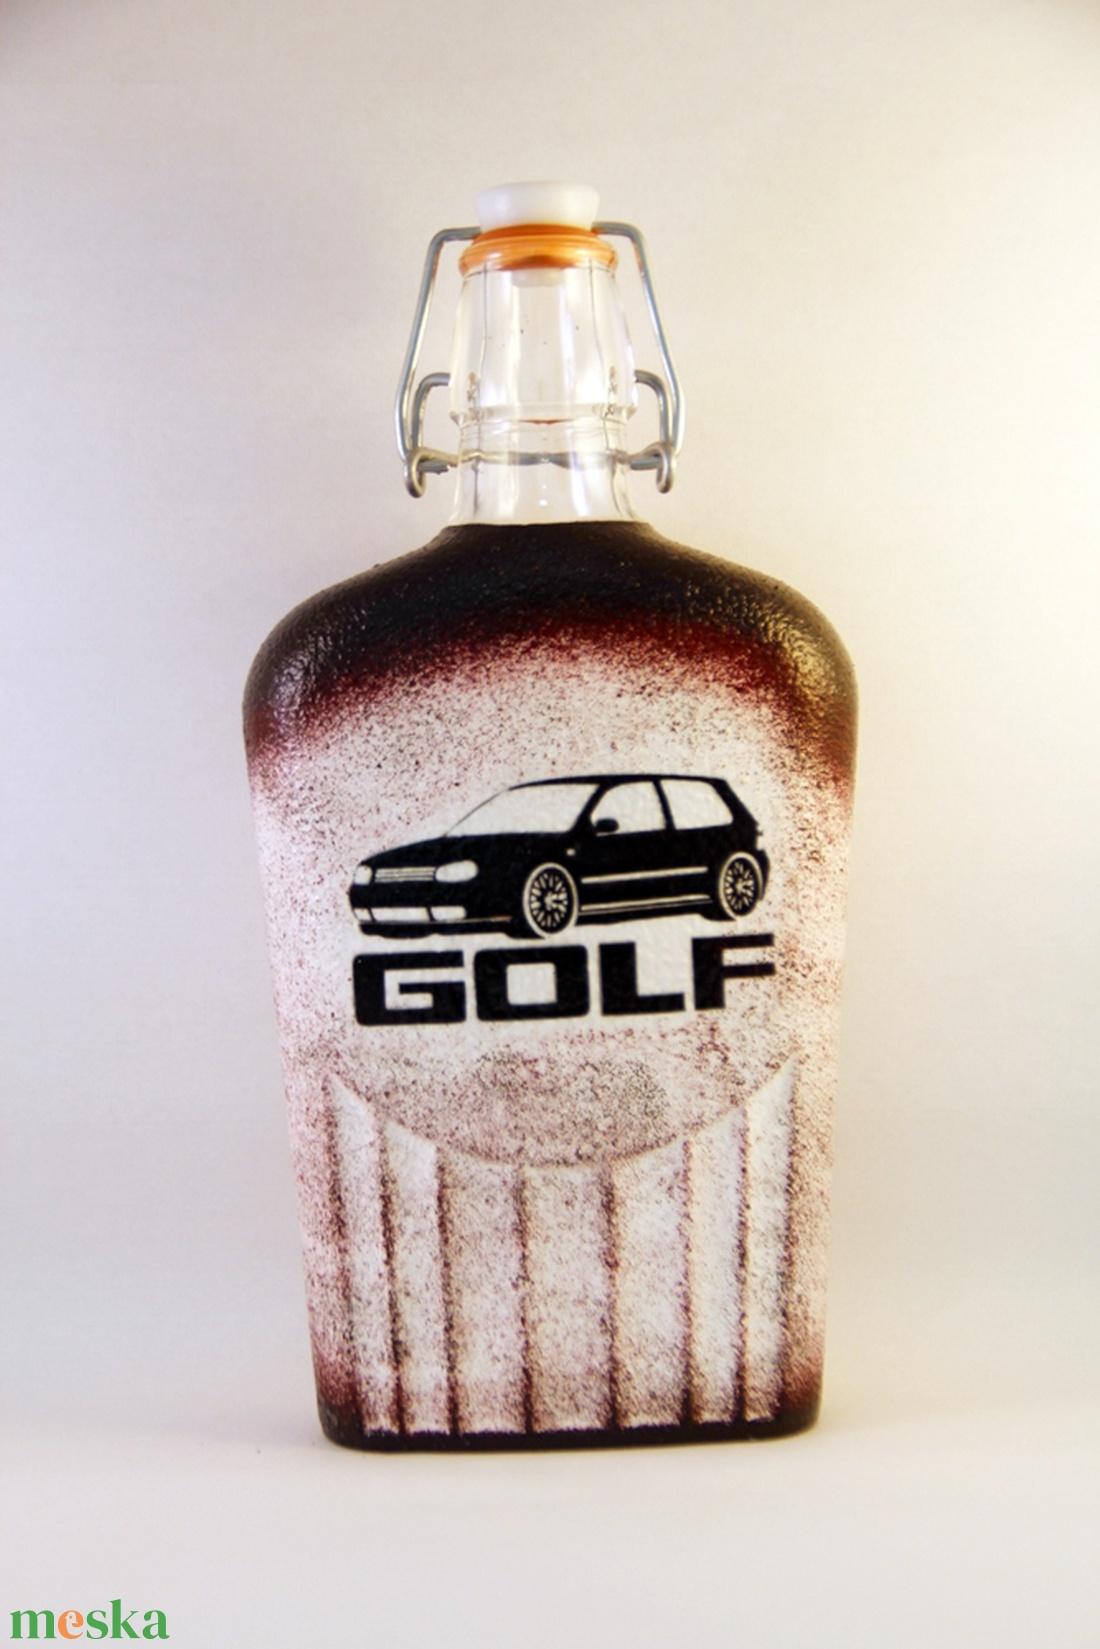 VOLKSWAGEN  csatosüveg -GOLF ;Volkswagen autód fényképével is! - Meska.hu